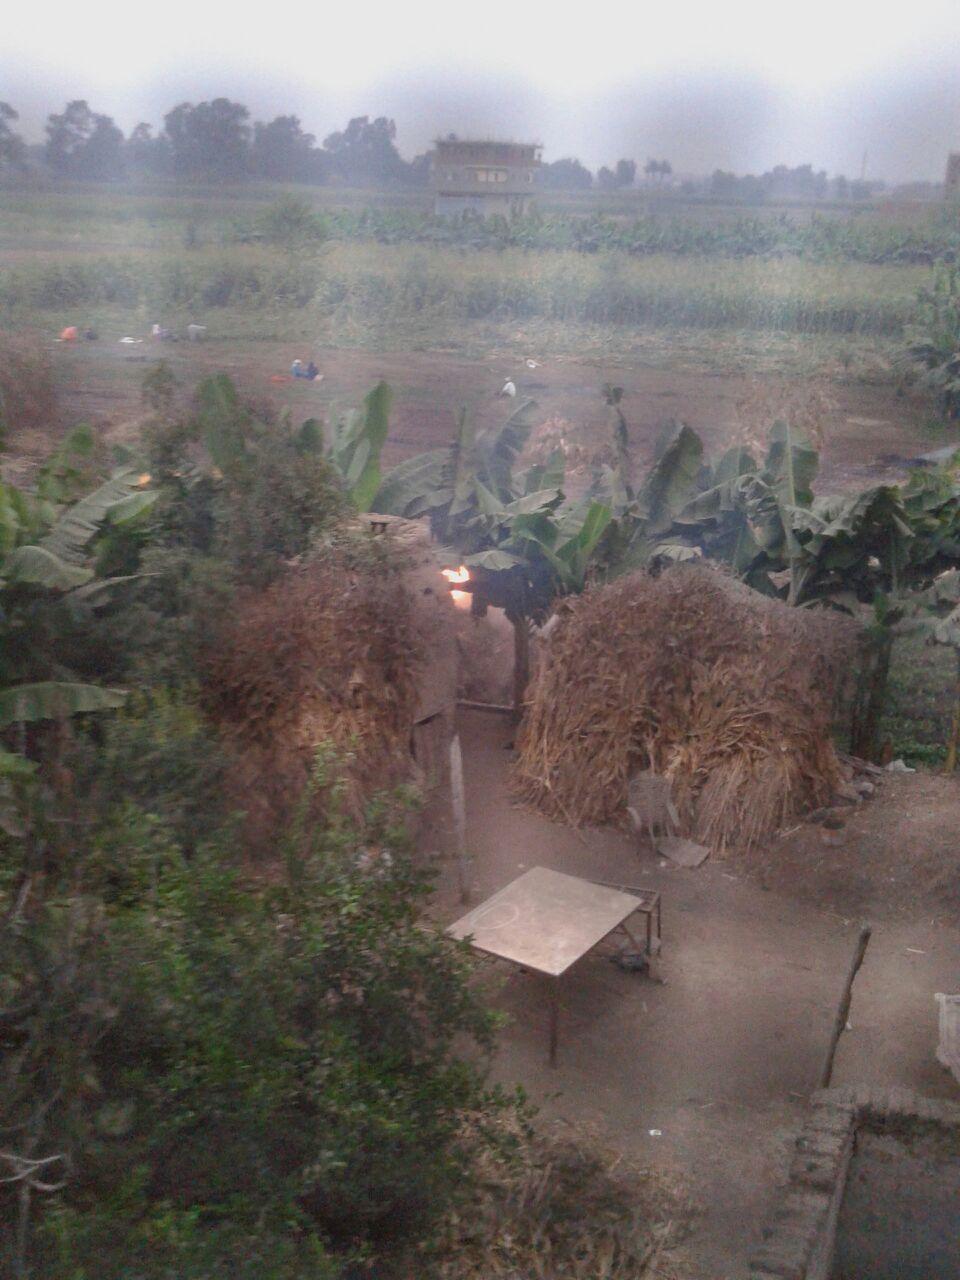 تصاعد دخان حرق حطب الذرة في إحدى قرى الدقهلية